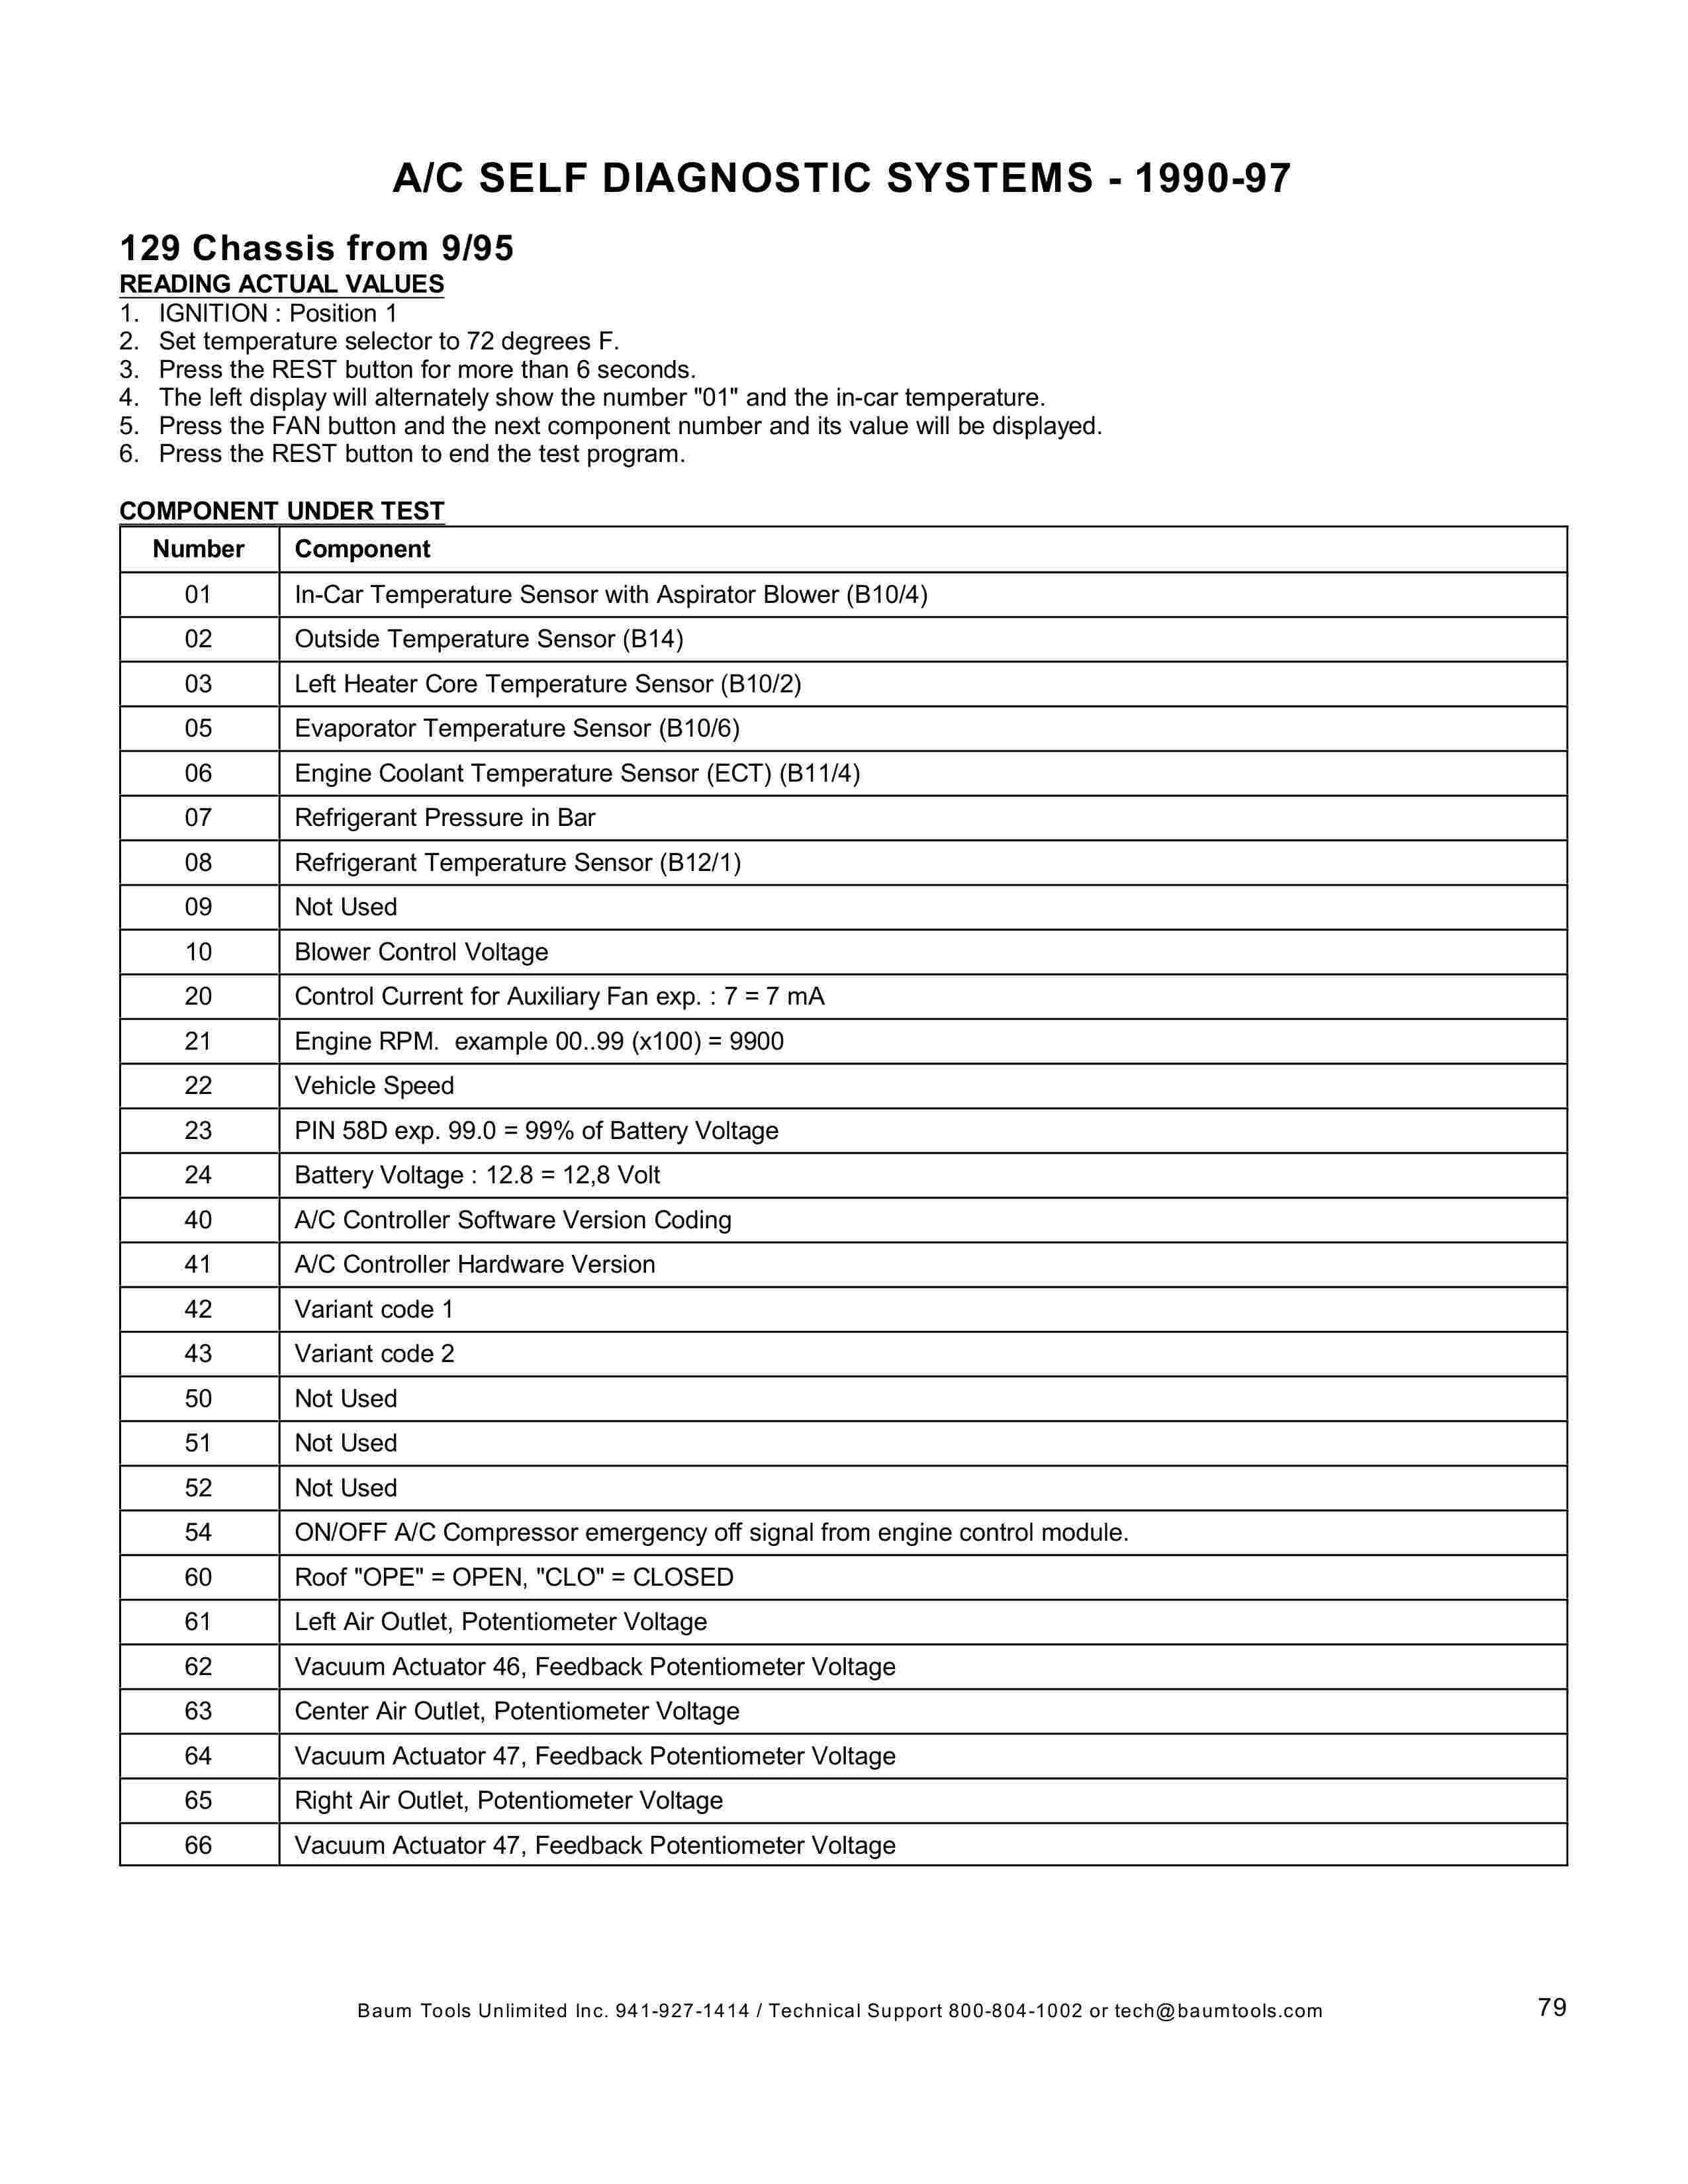 (AJUDA GERAL): Manual de códigos das falhas - analógico e digital - 1988 a 2000 007912